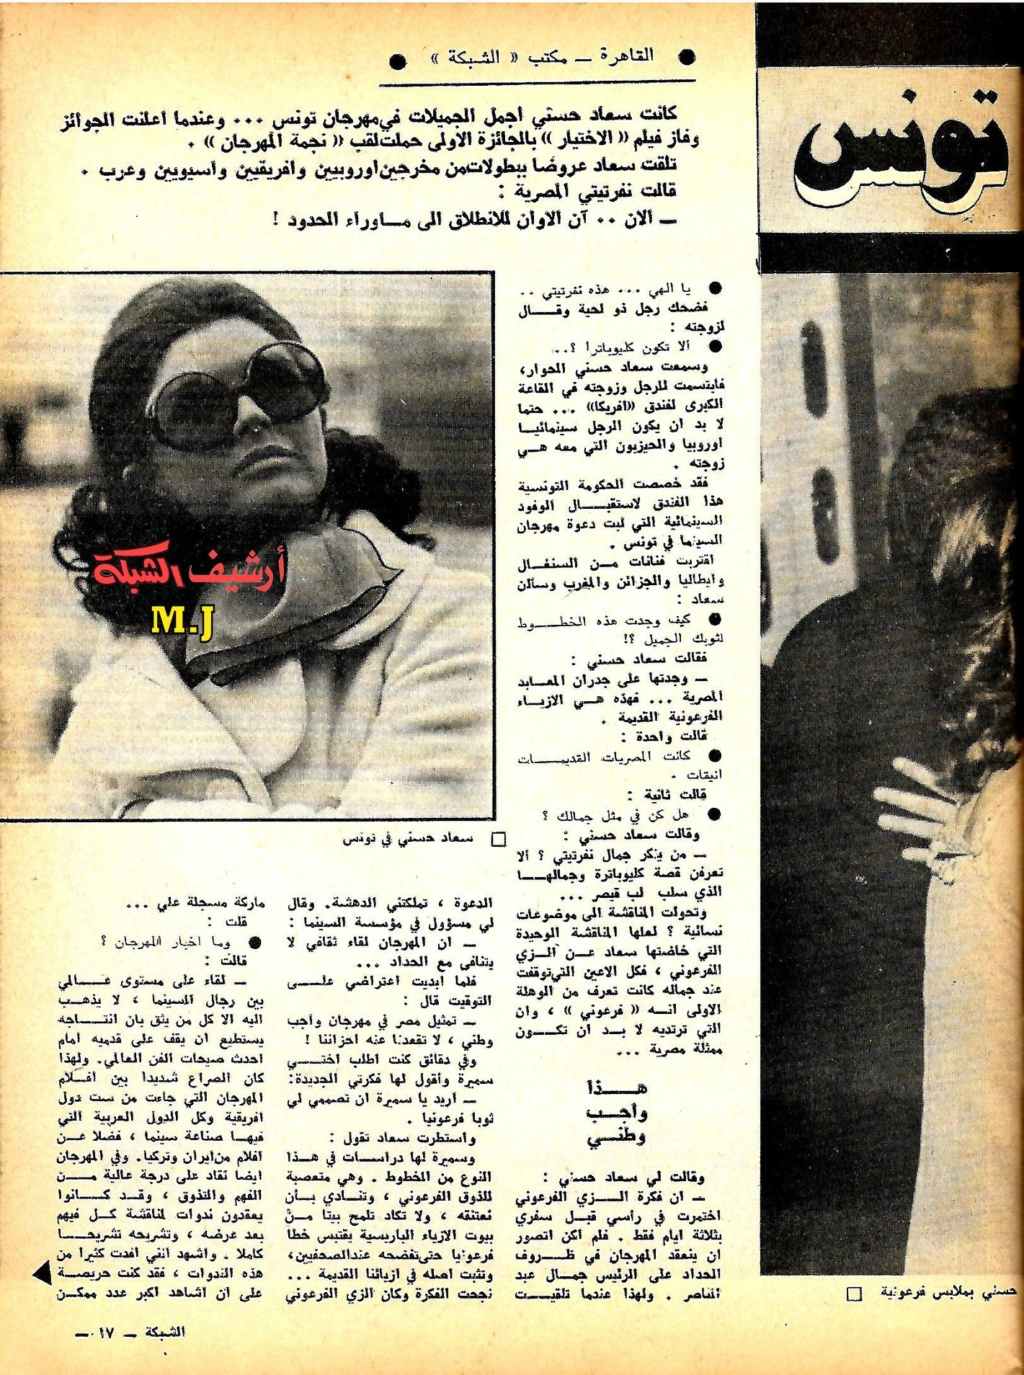 حوار - حوار صحفي : سعاد حسني .. نفرتيتي في مهرجان تونس 1970 م 212